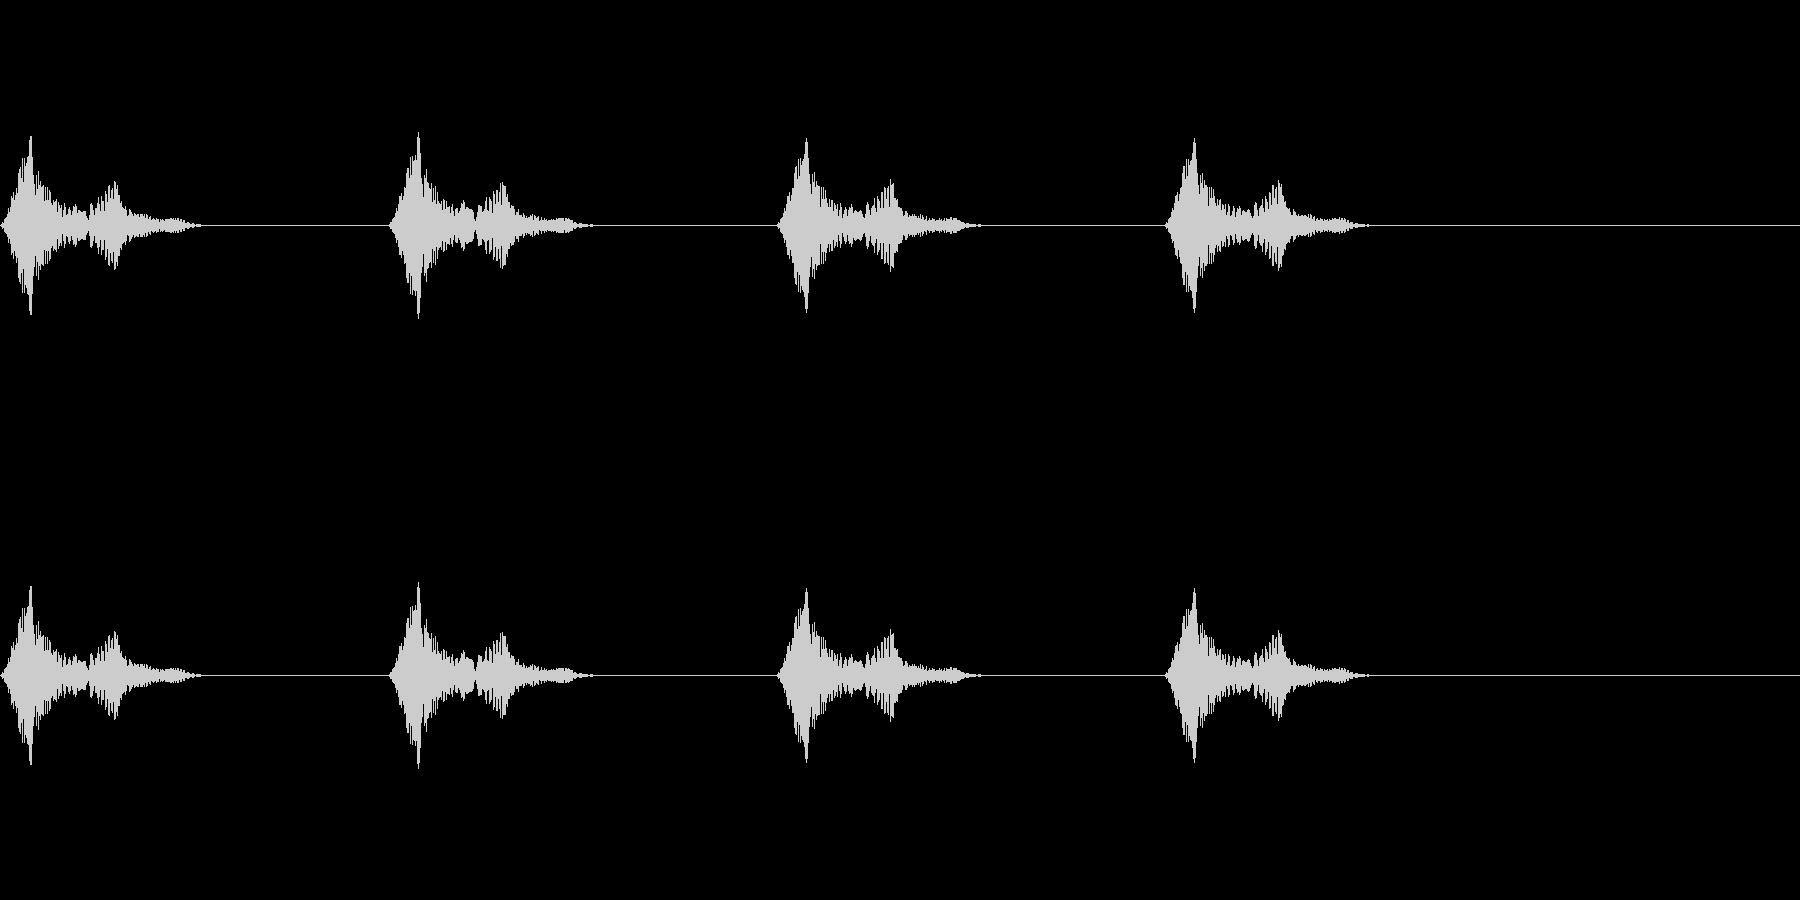 風船/バルーン/雲/ふわふわ/注入の未再生の波形